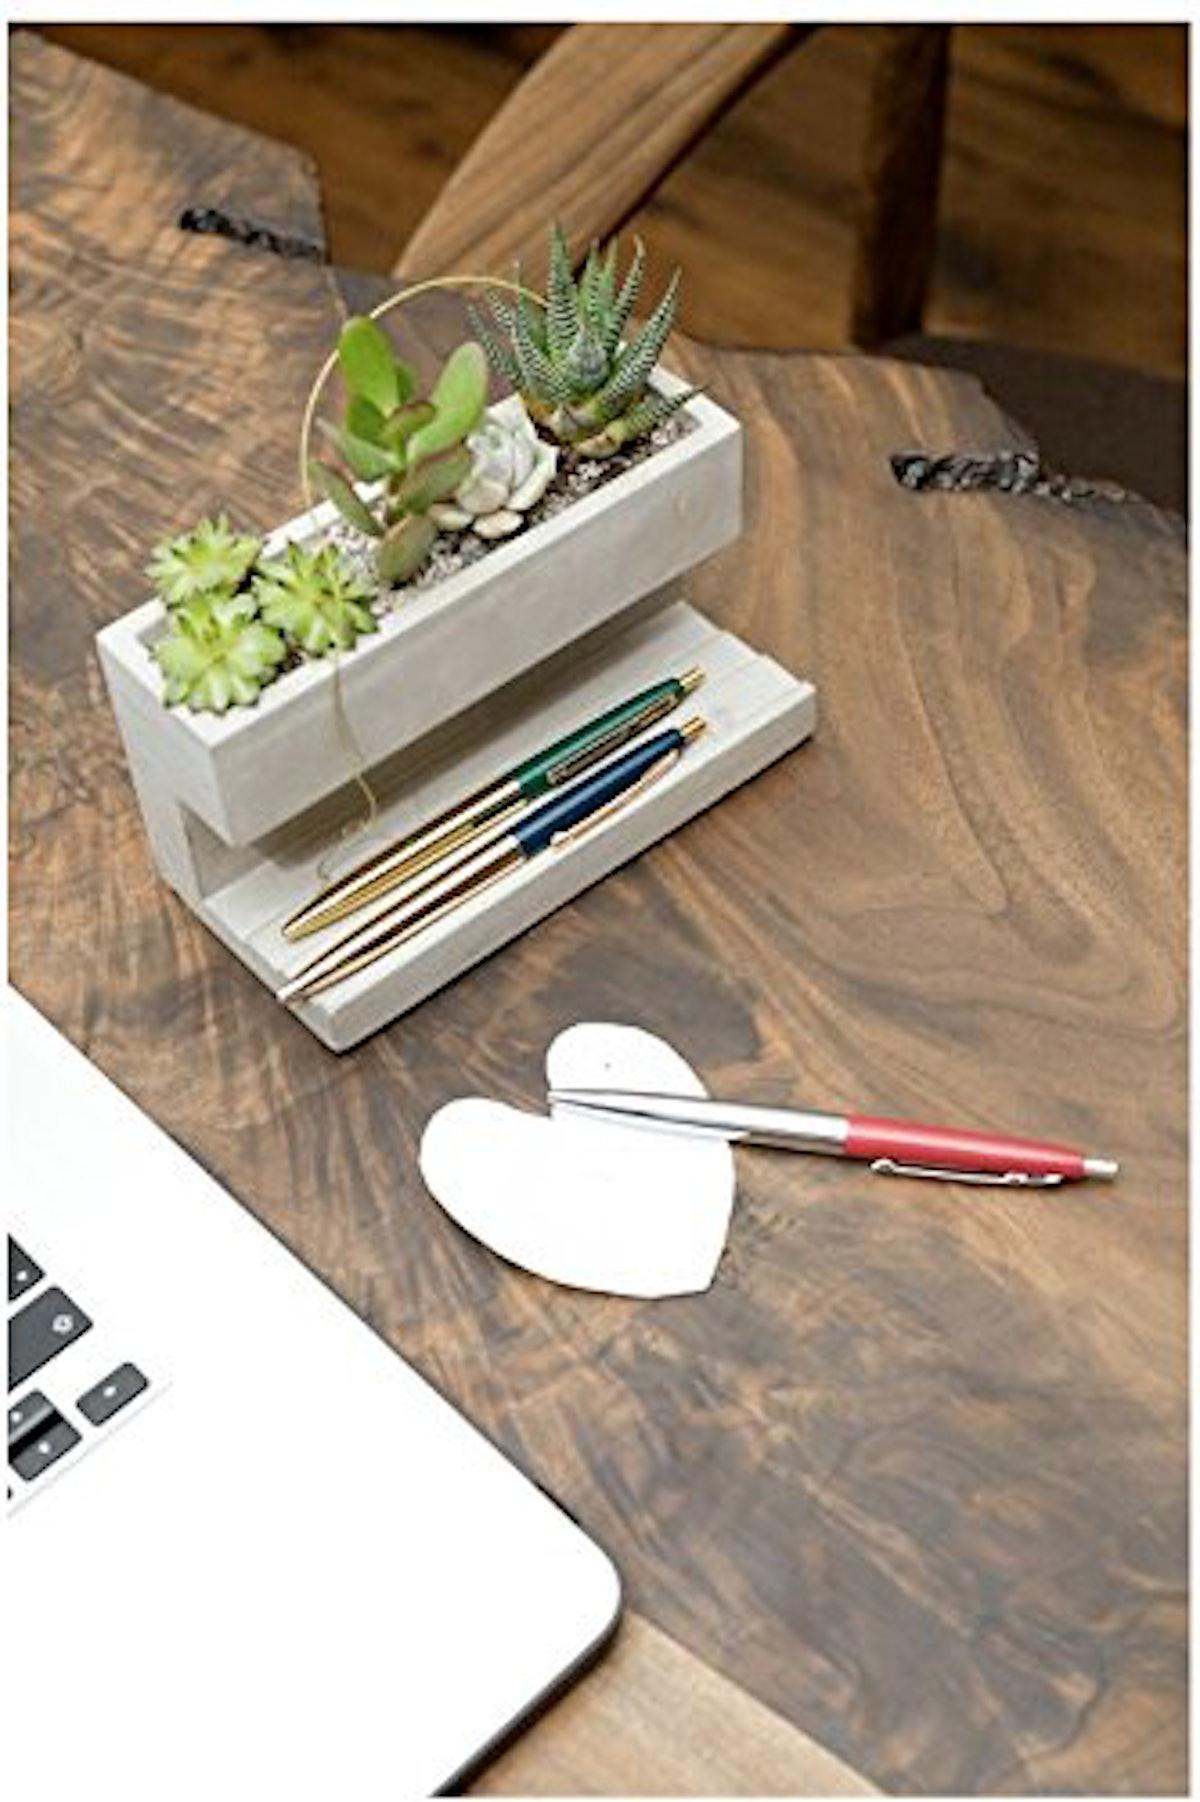 Kikkerland Desktop Planter Pen Holder